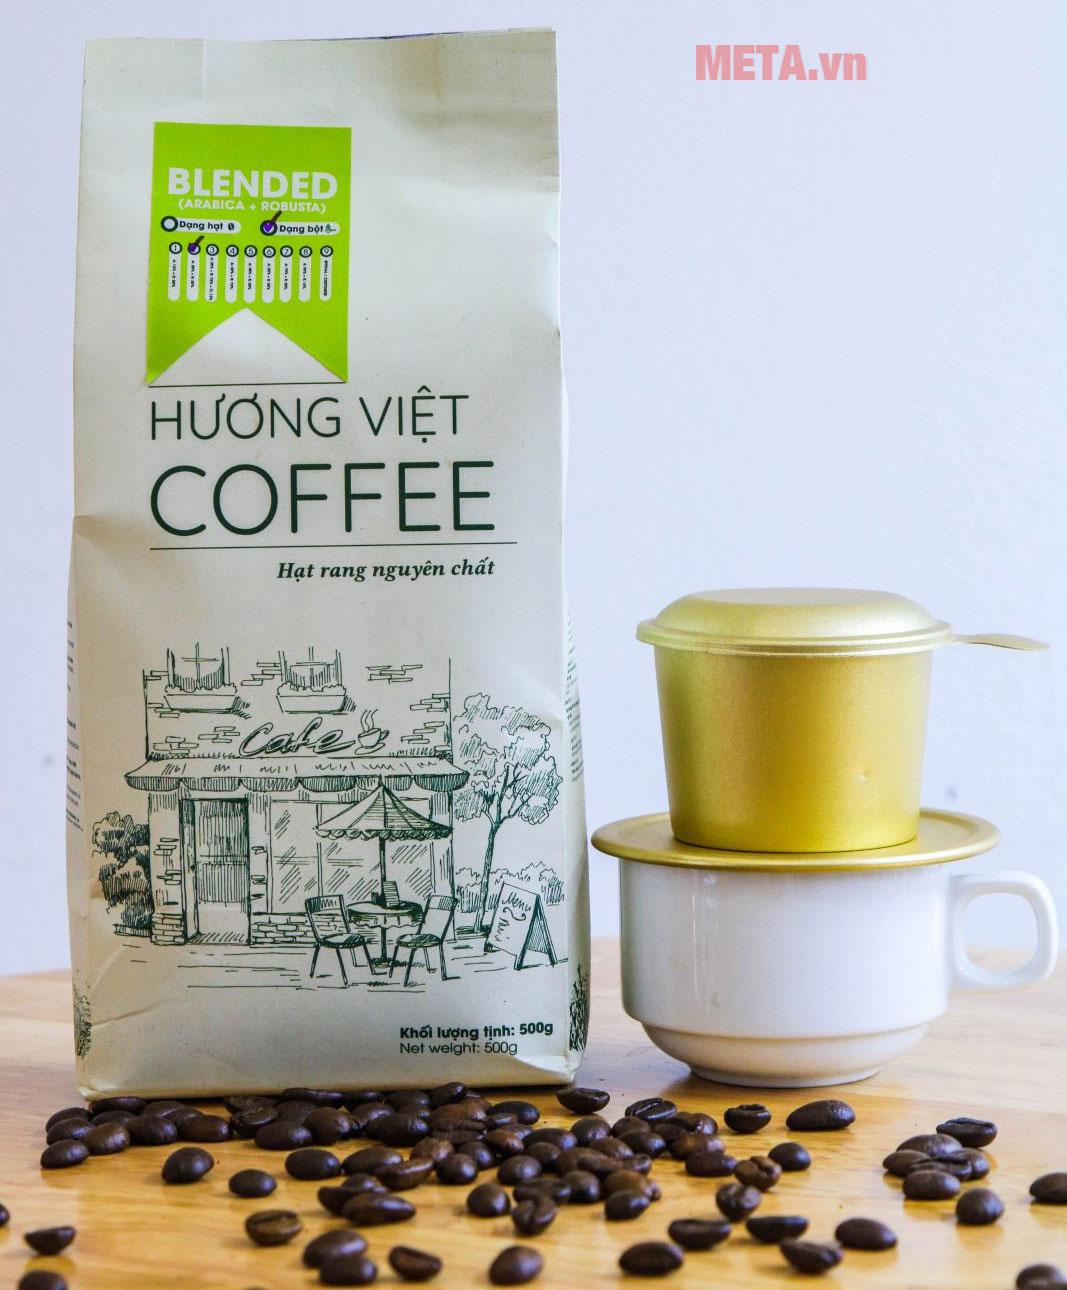 Cà phê Blended số 5 rang mộc nguyên chất